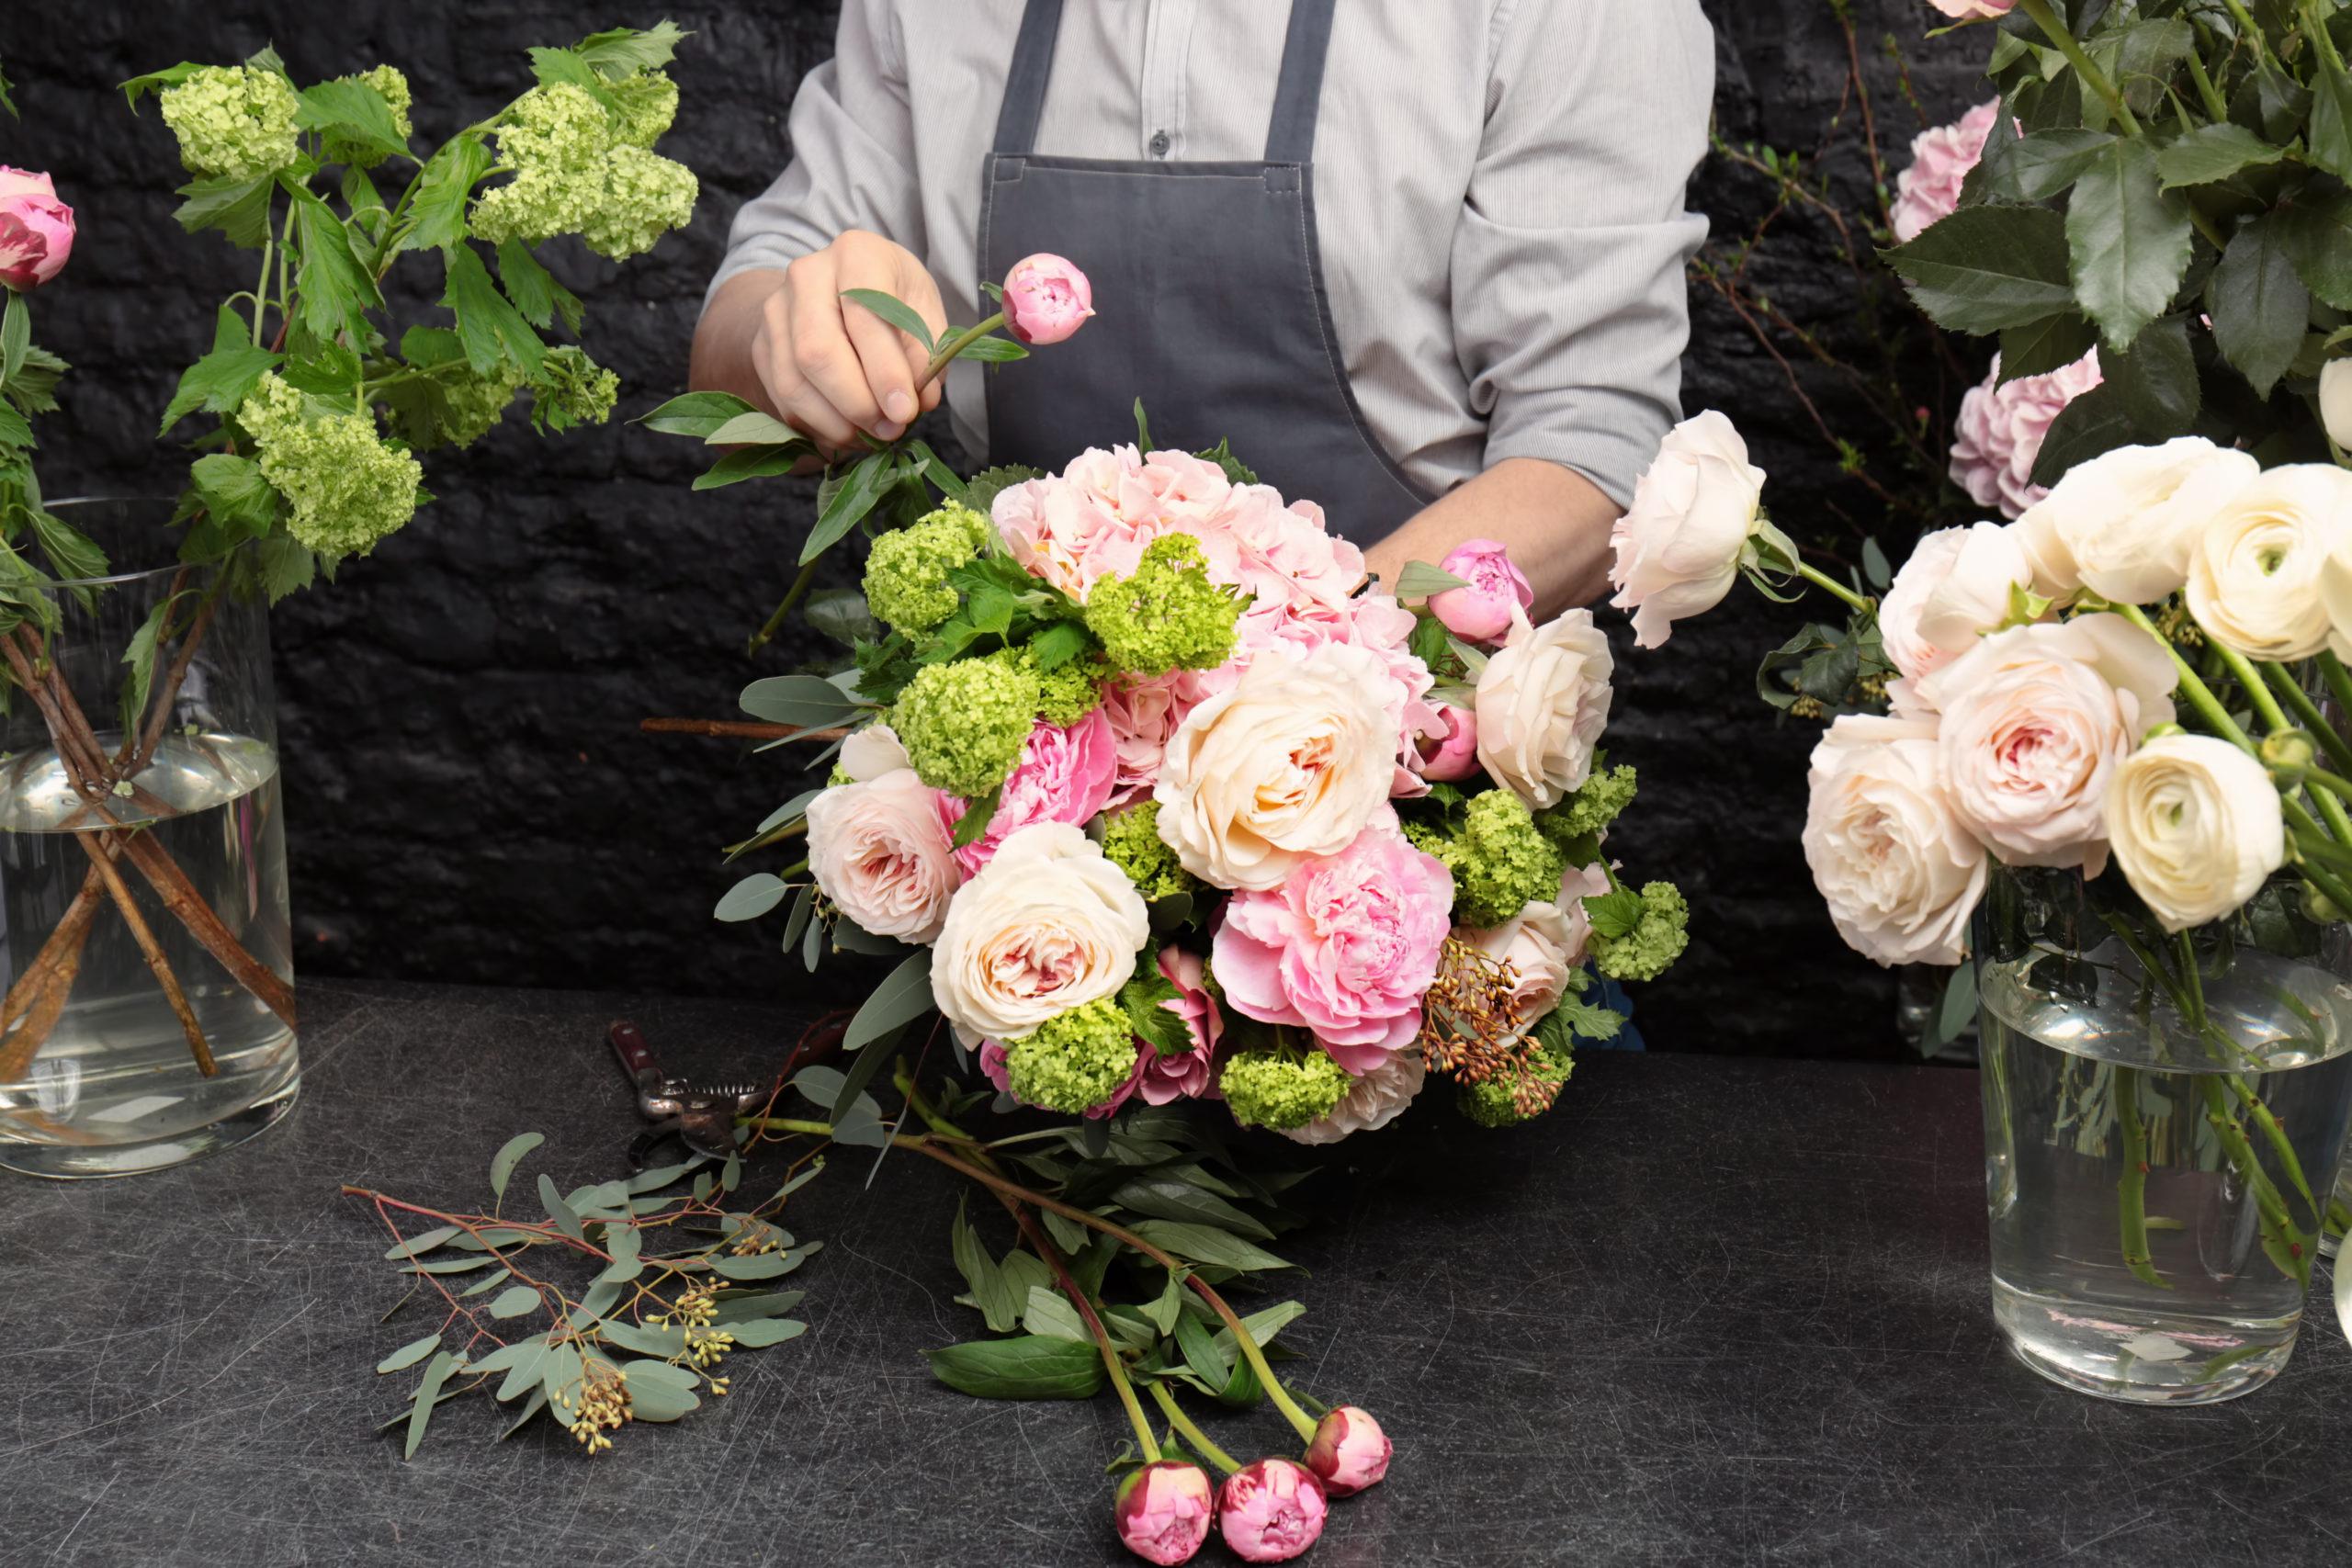 Zaplanuj Rok Florystyczny Z Wgro S A Wgro Wgro